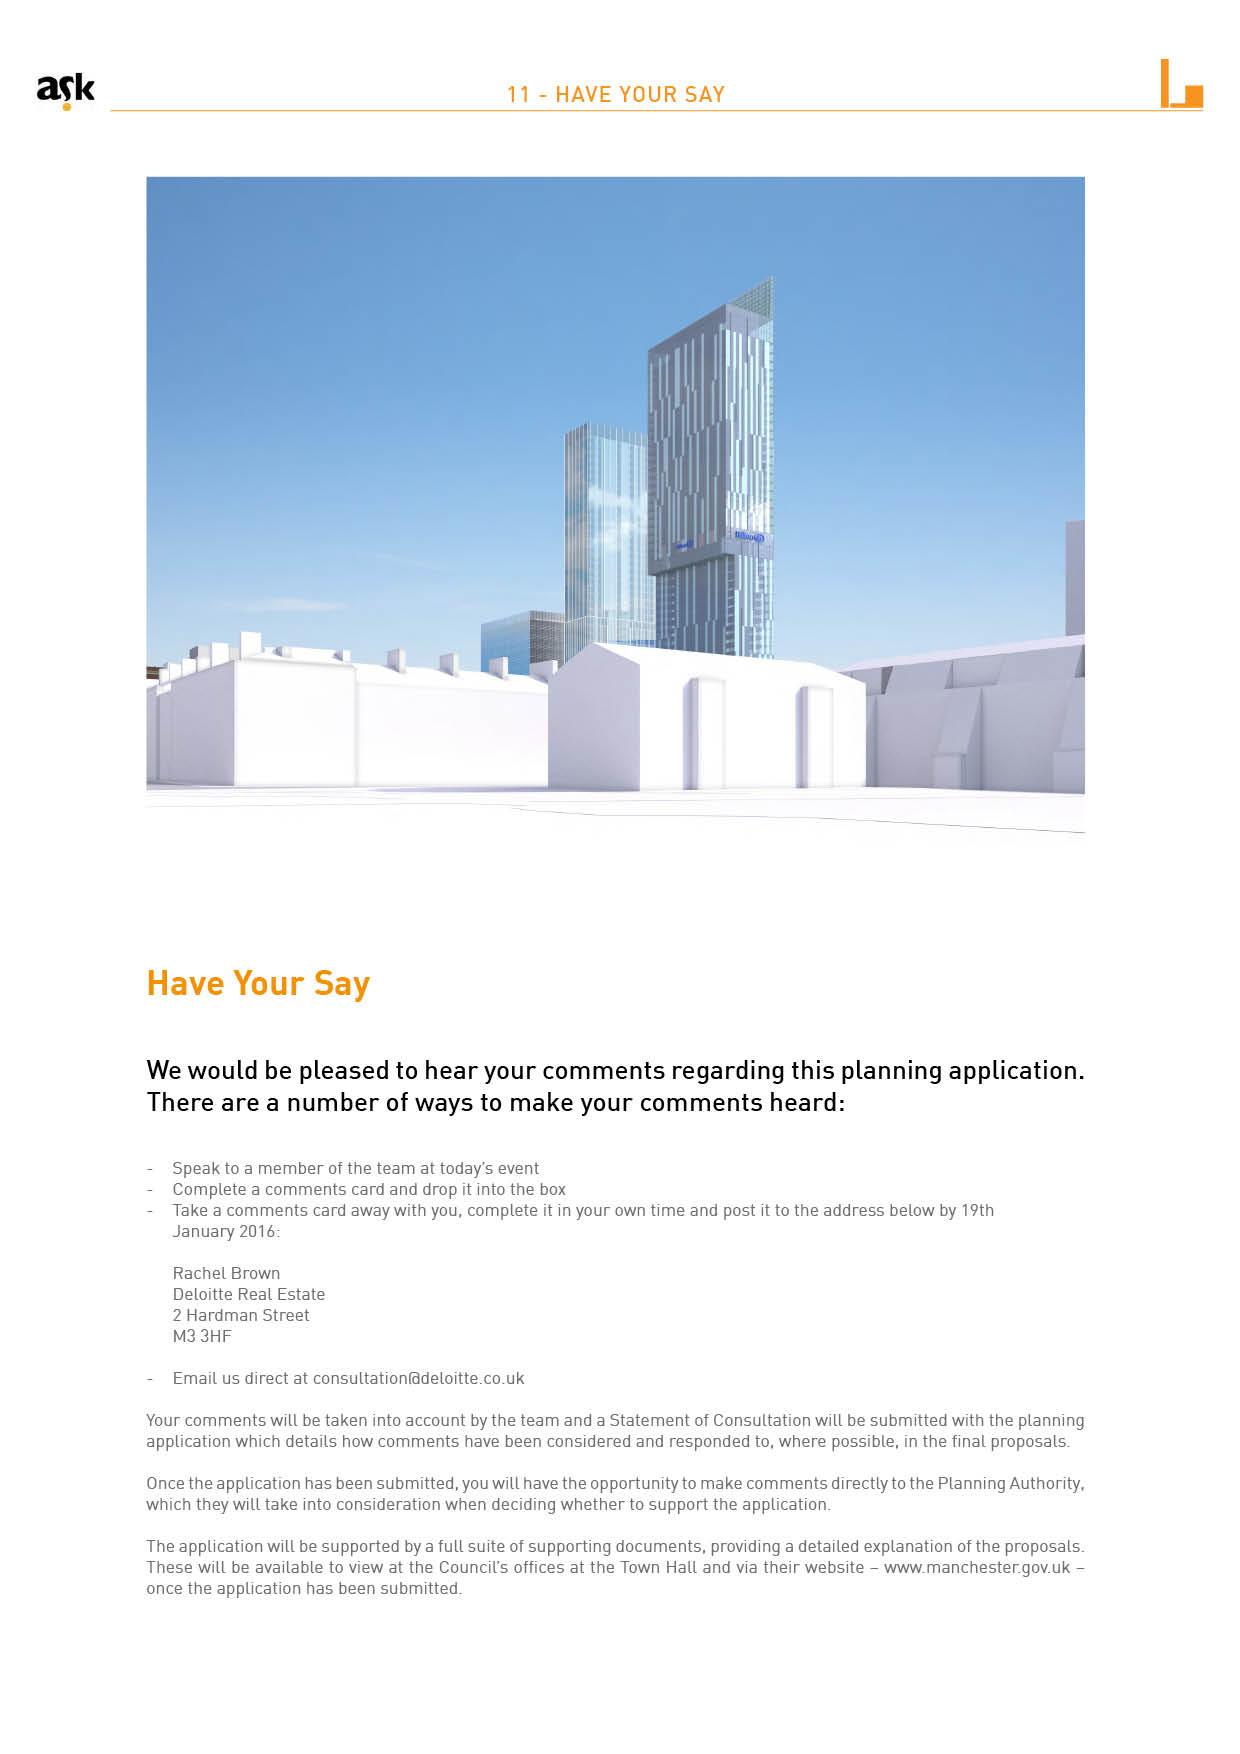 bauer_millet_consultation11.jpg